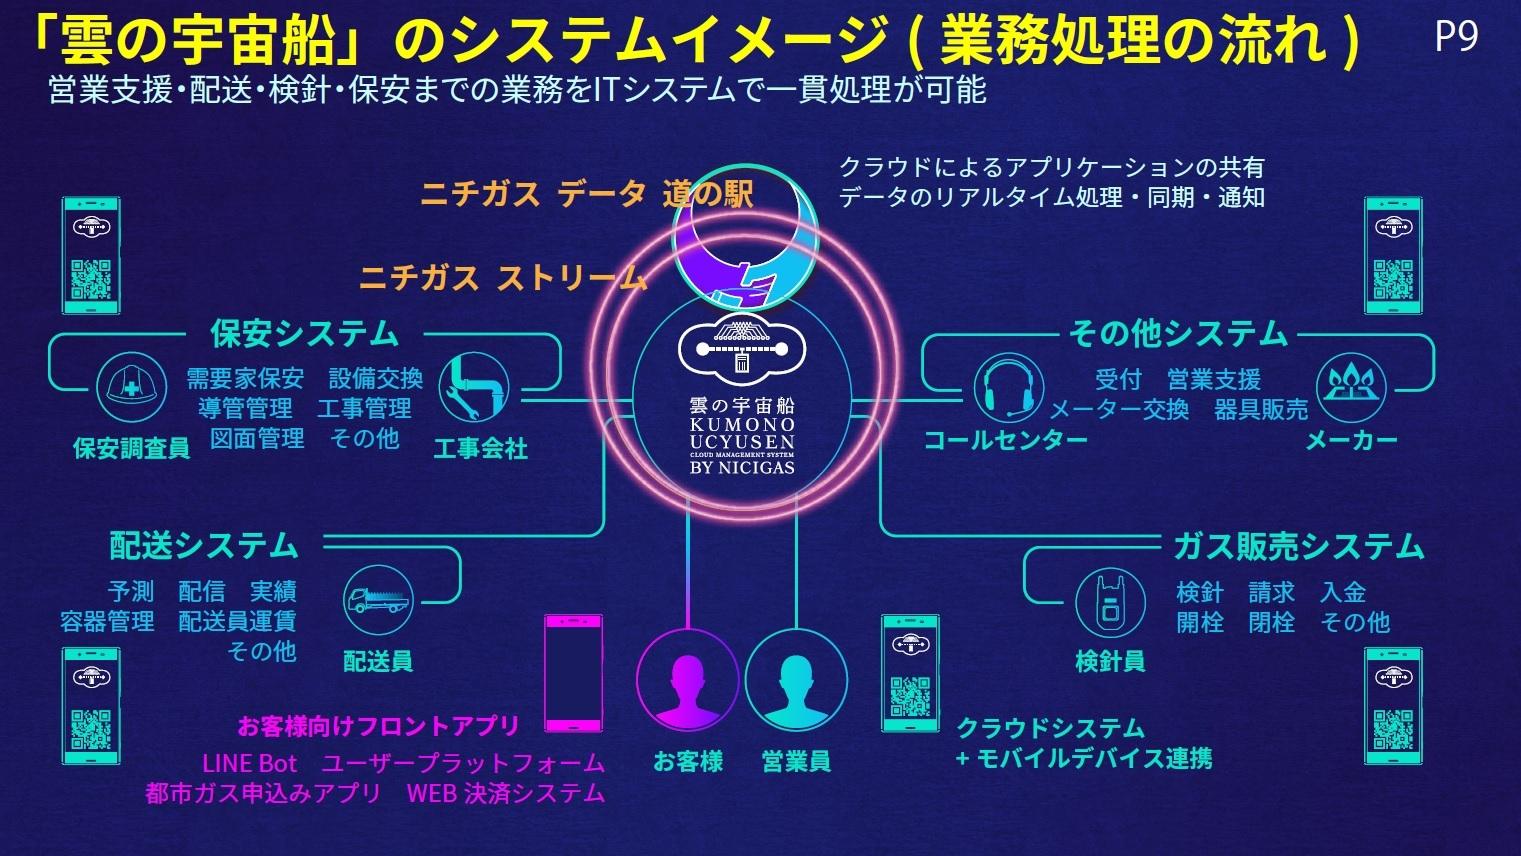 「雲の宇宙船」のシステムイメージ